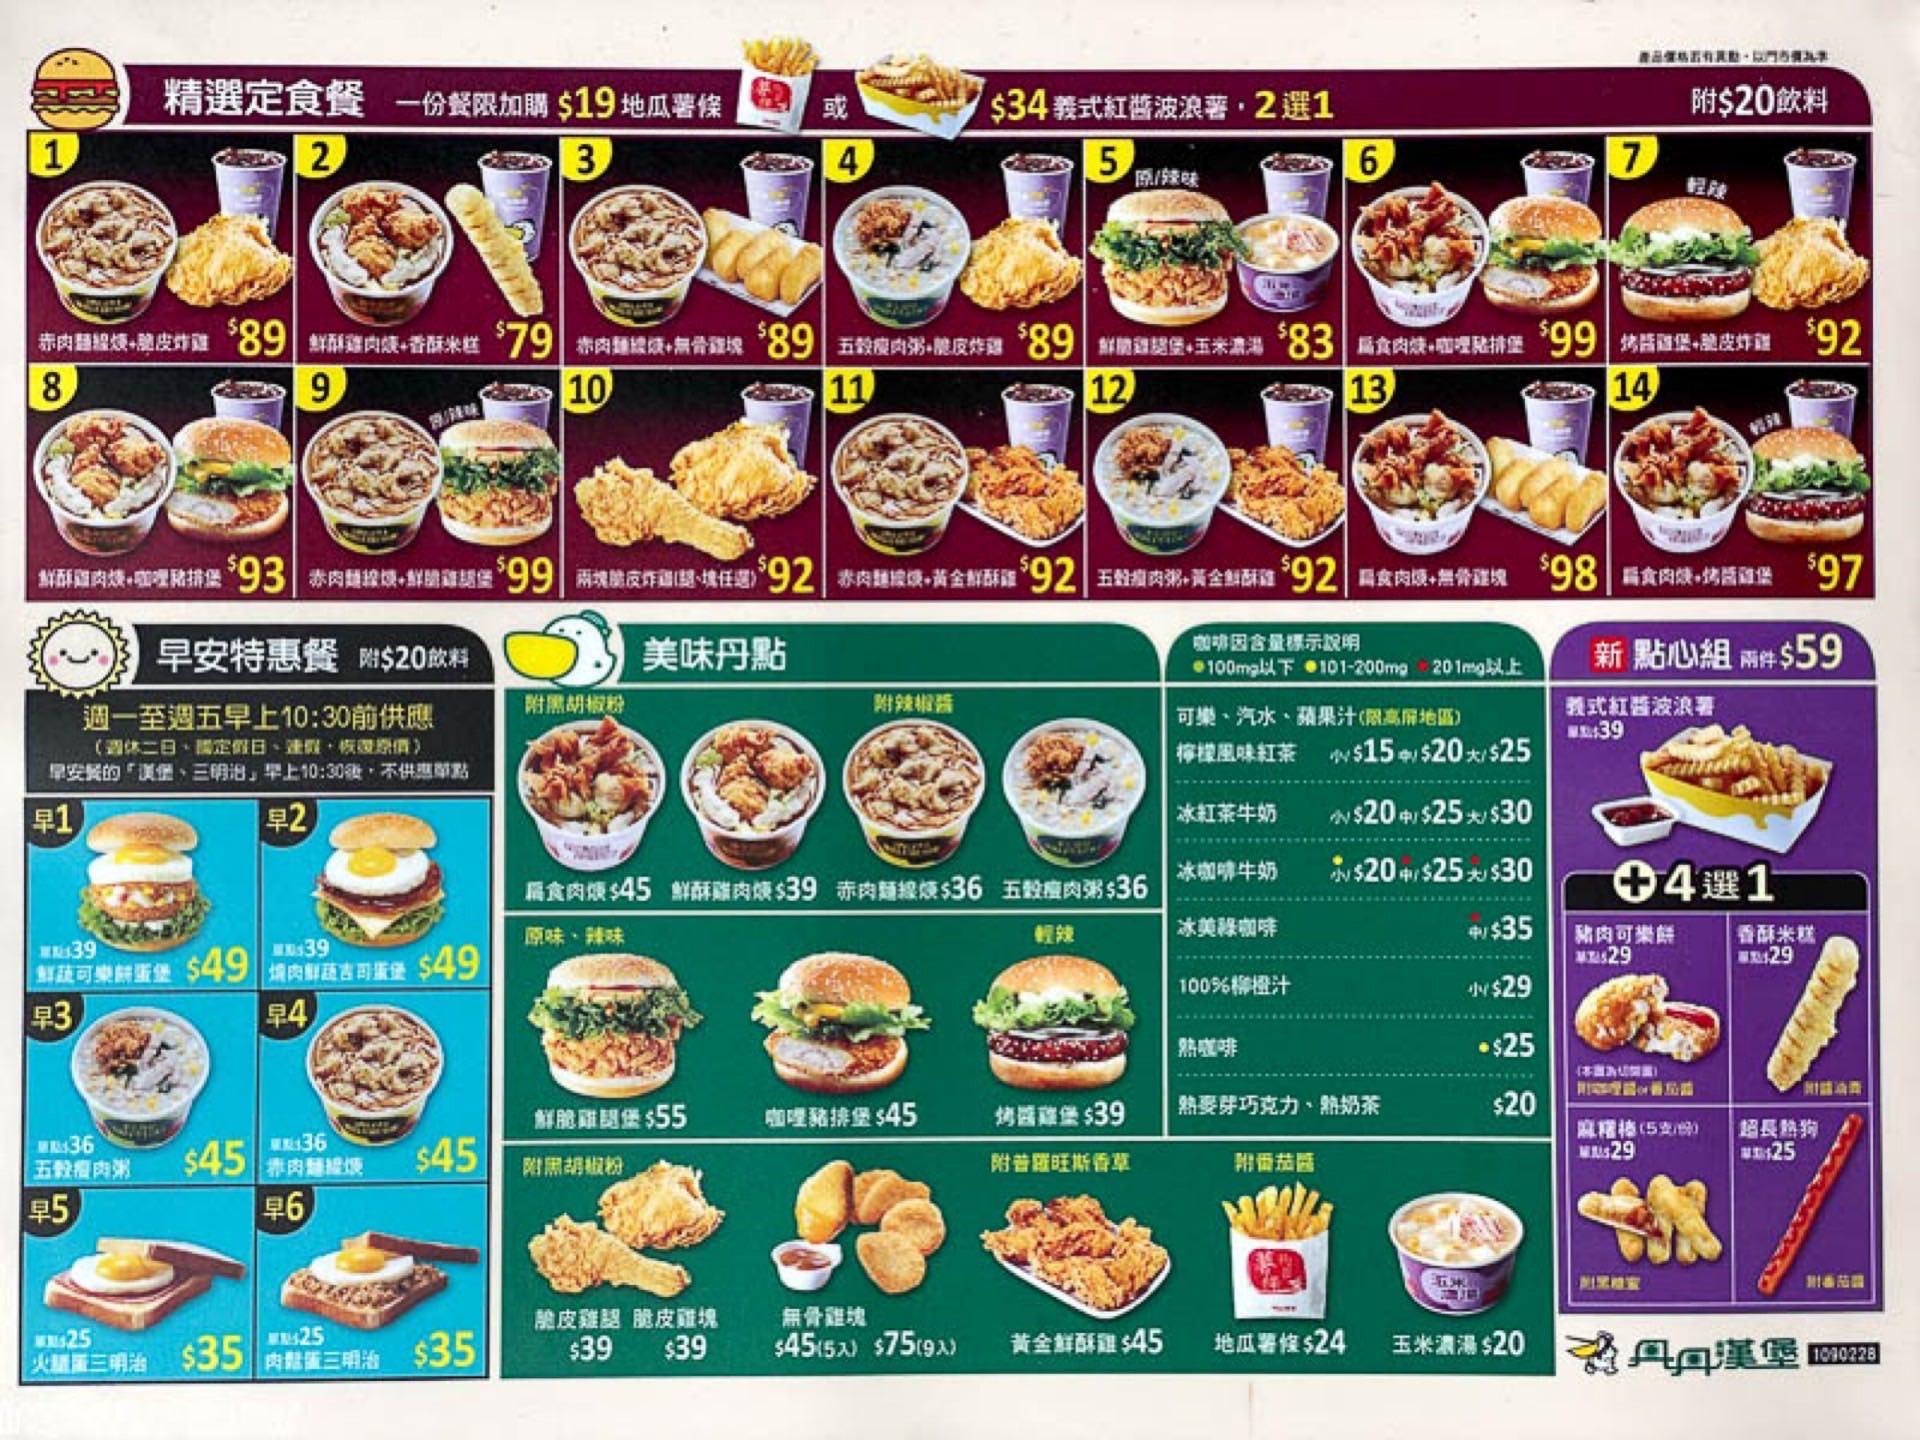 【丹丹漢堡菜單】丹丹漢堡最新優惠/套餐介紹|各分店資訊|2020年新菜單價目表 | 癡吃的玩